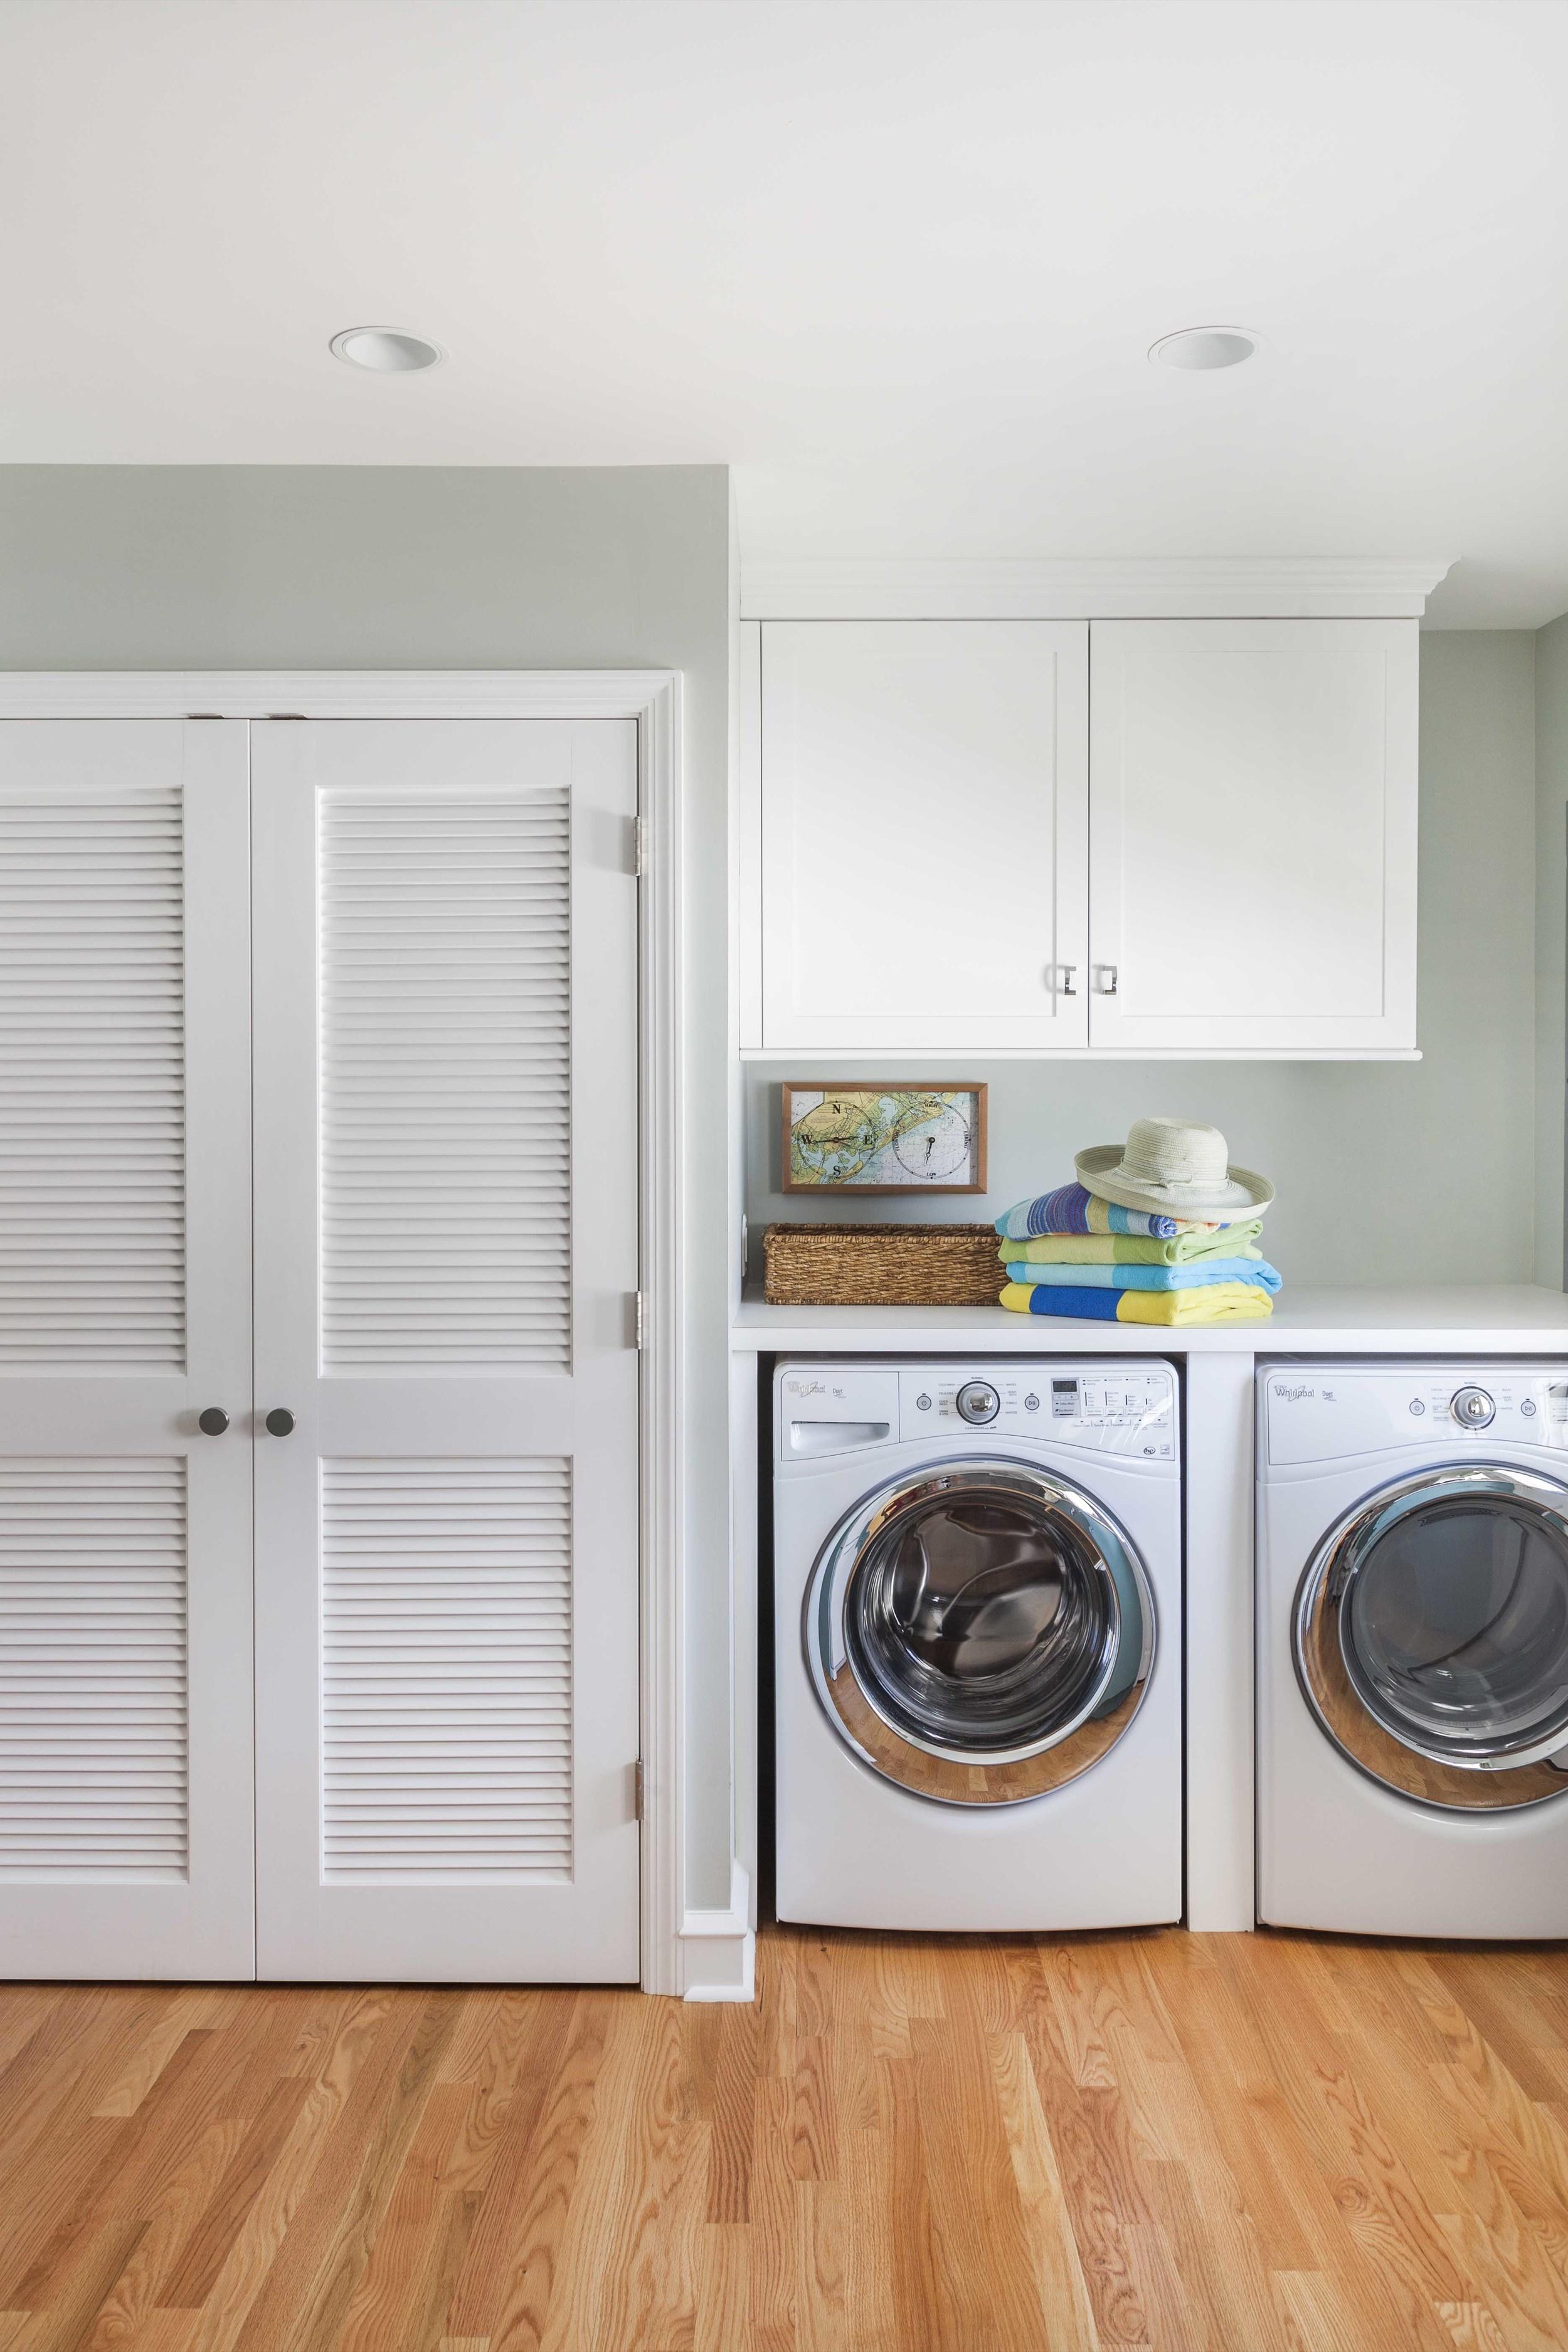 kitchen washer side with basket.jpg